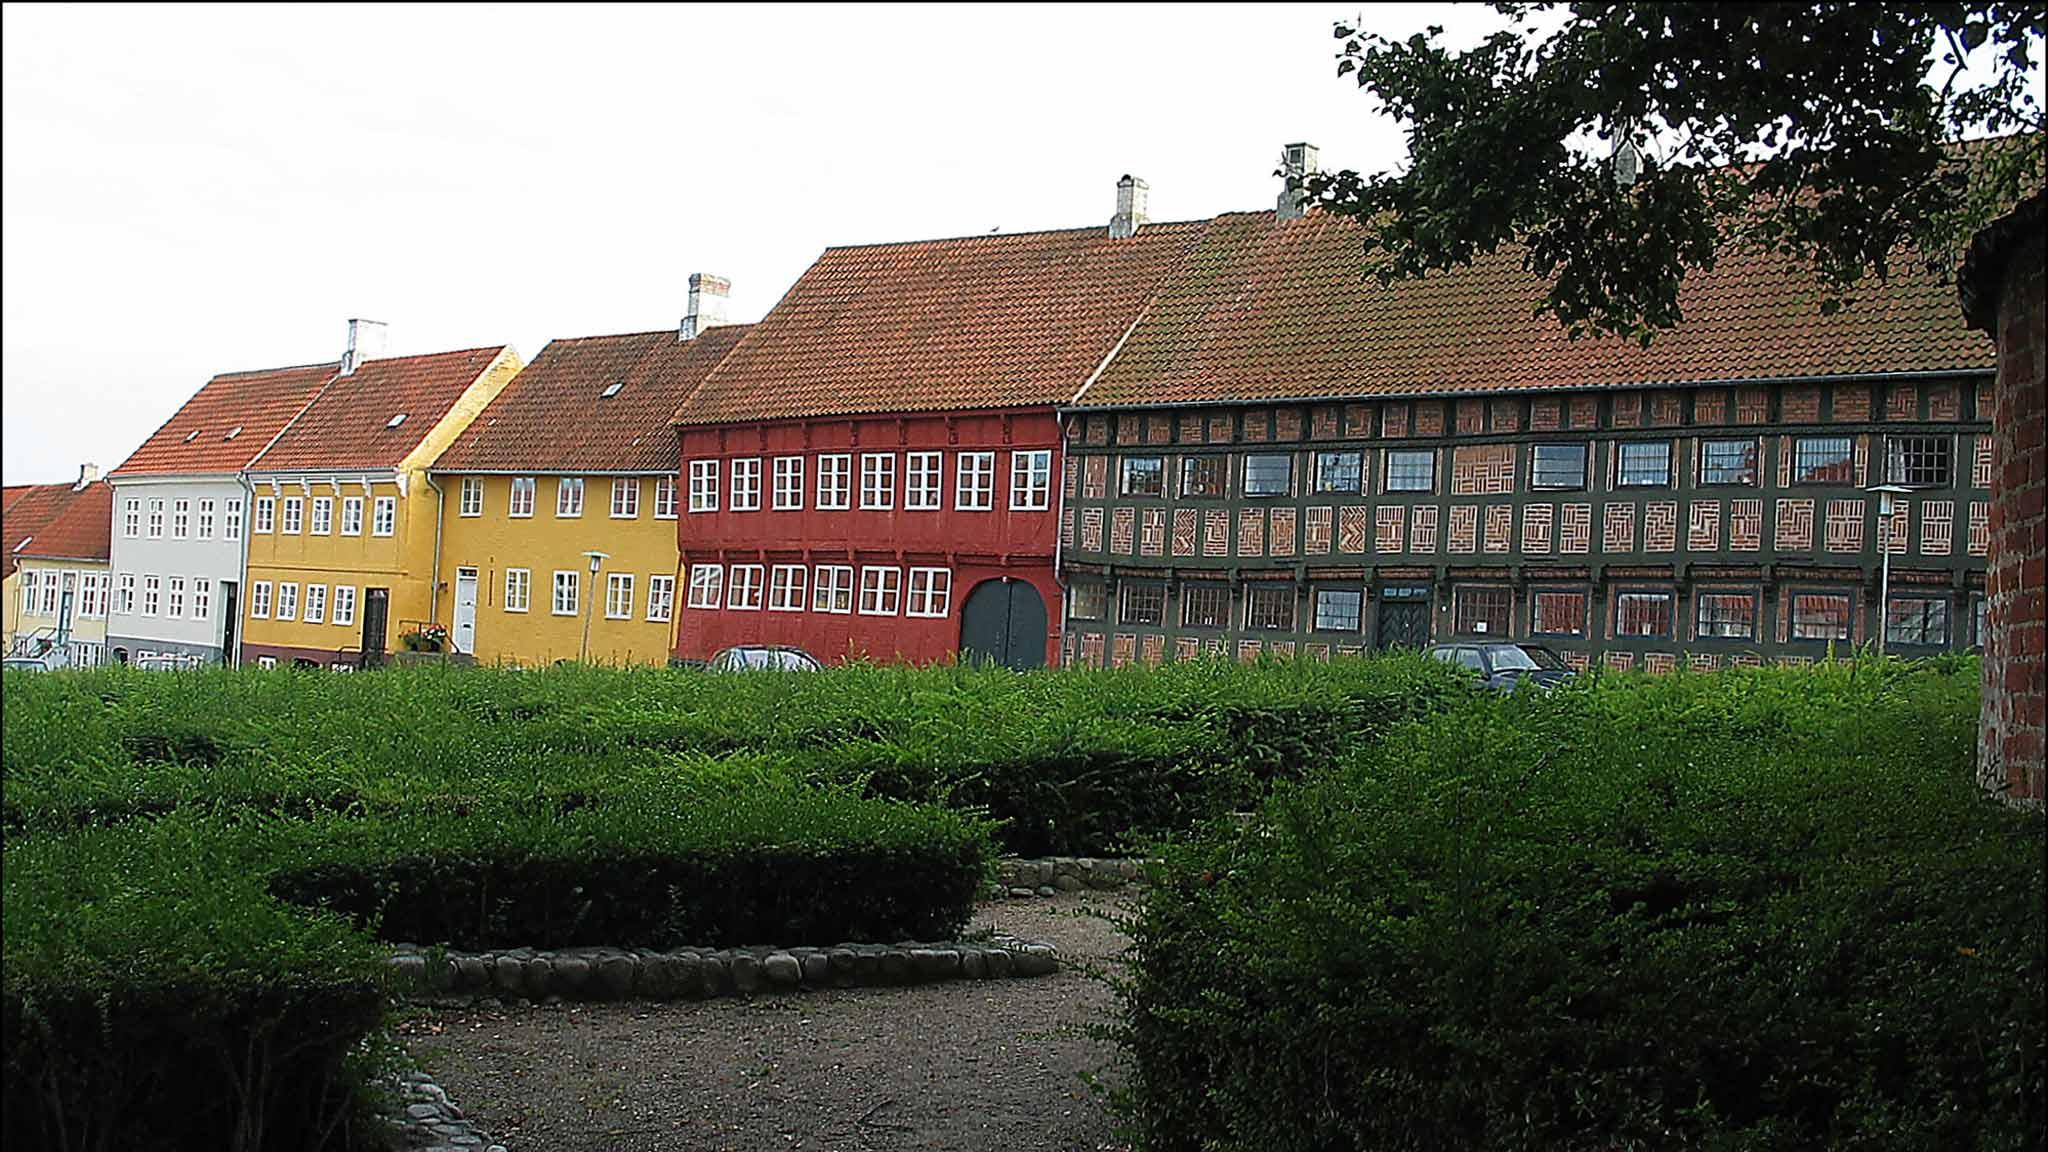 VisitVestsjælland A/S